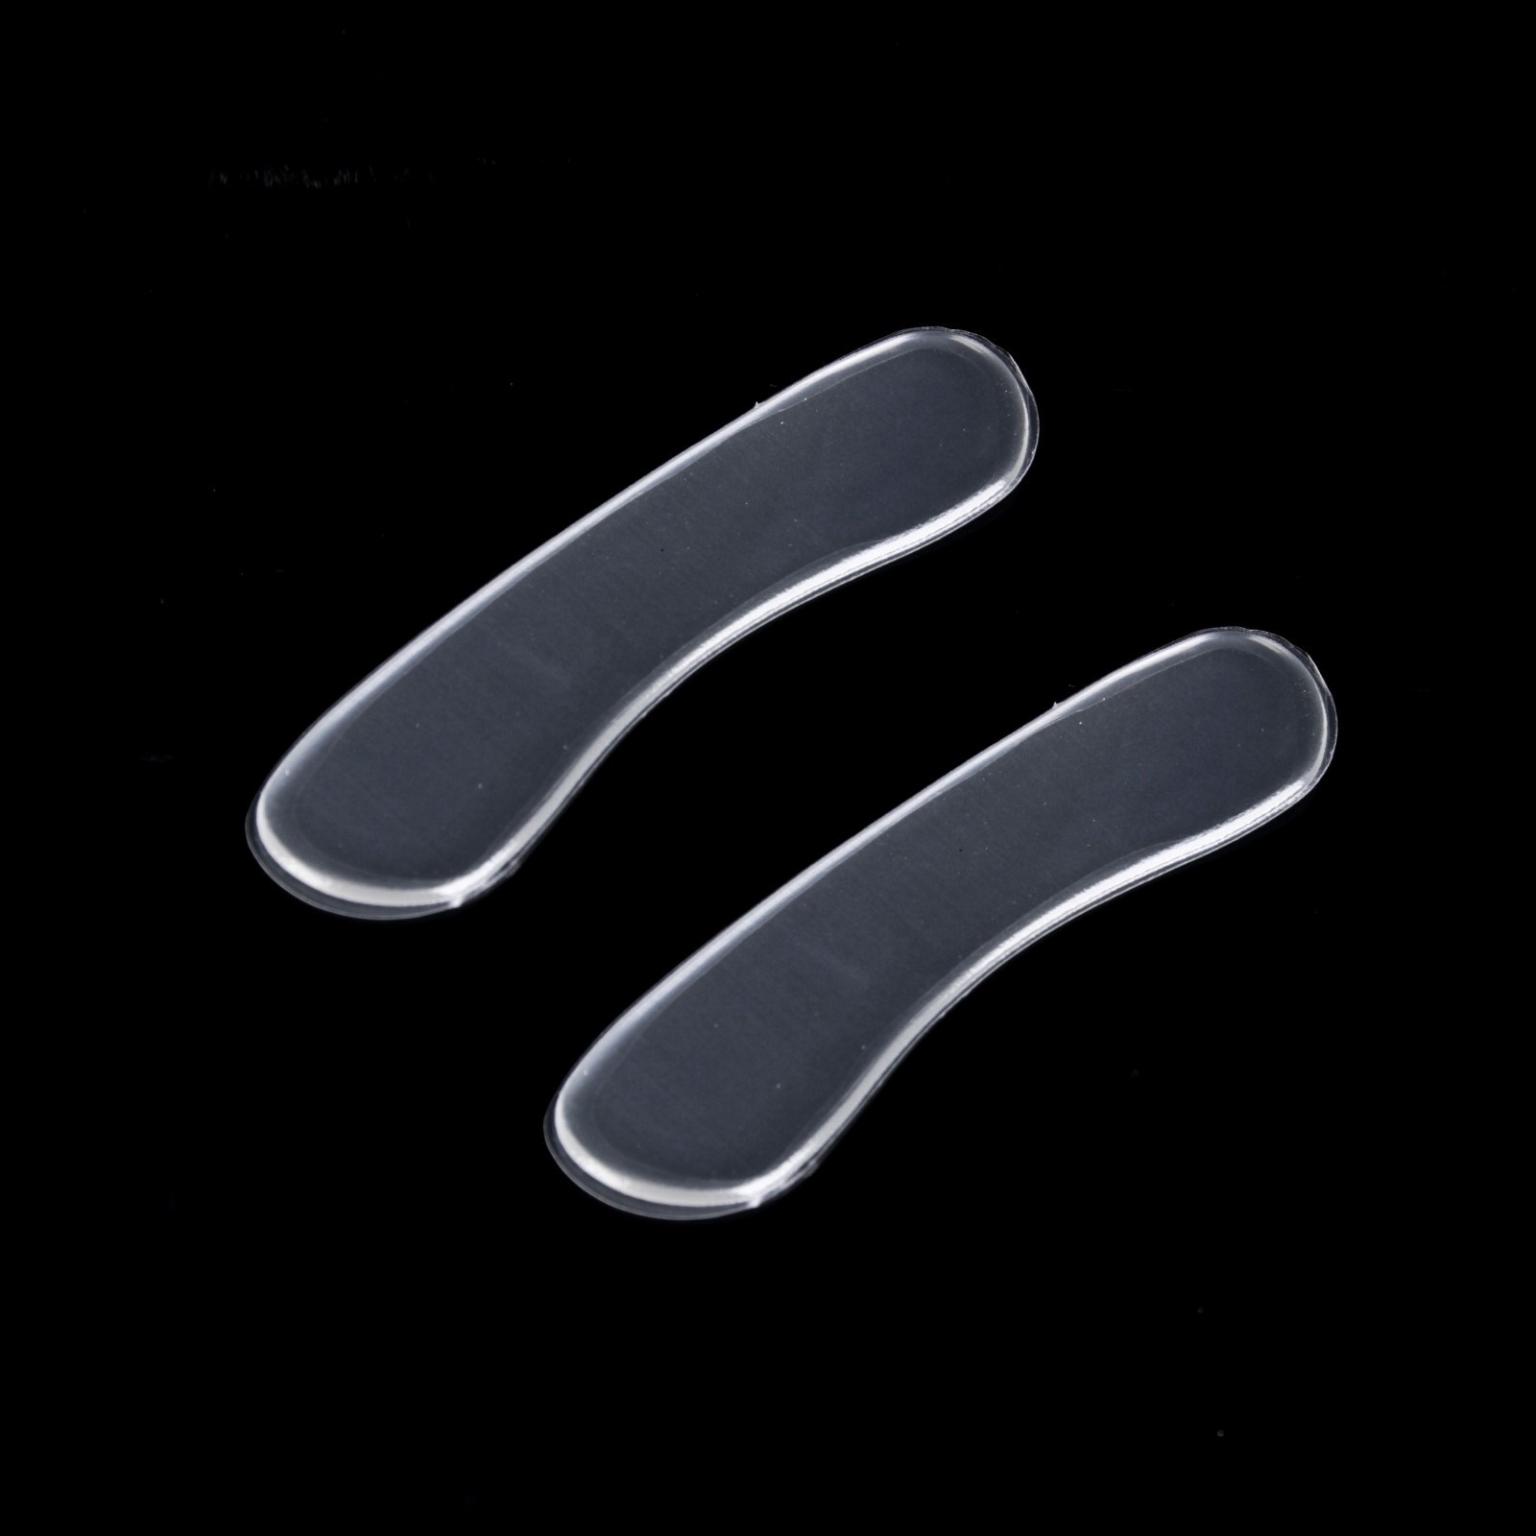 Пяткоудерживатели для обуви, клеевая основа, силиконовые, 9,5  2,5 см, пара, цвет прозрачный